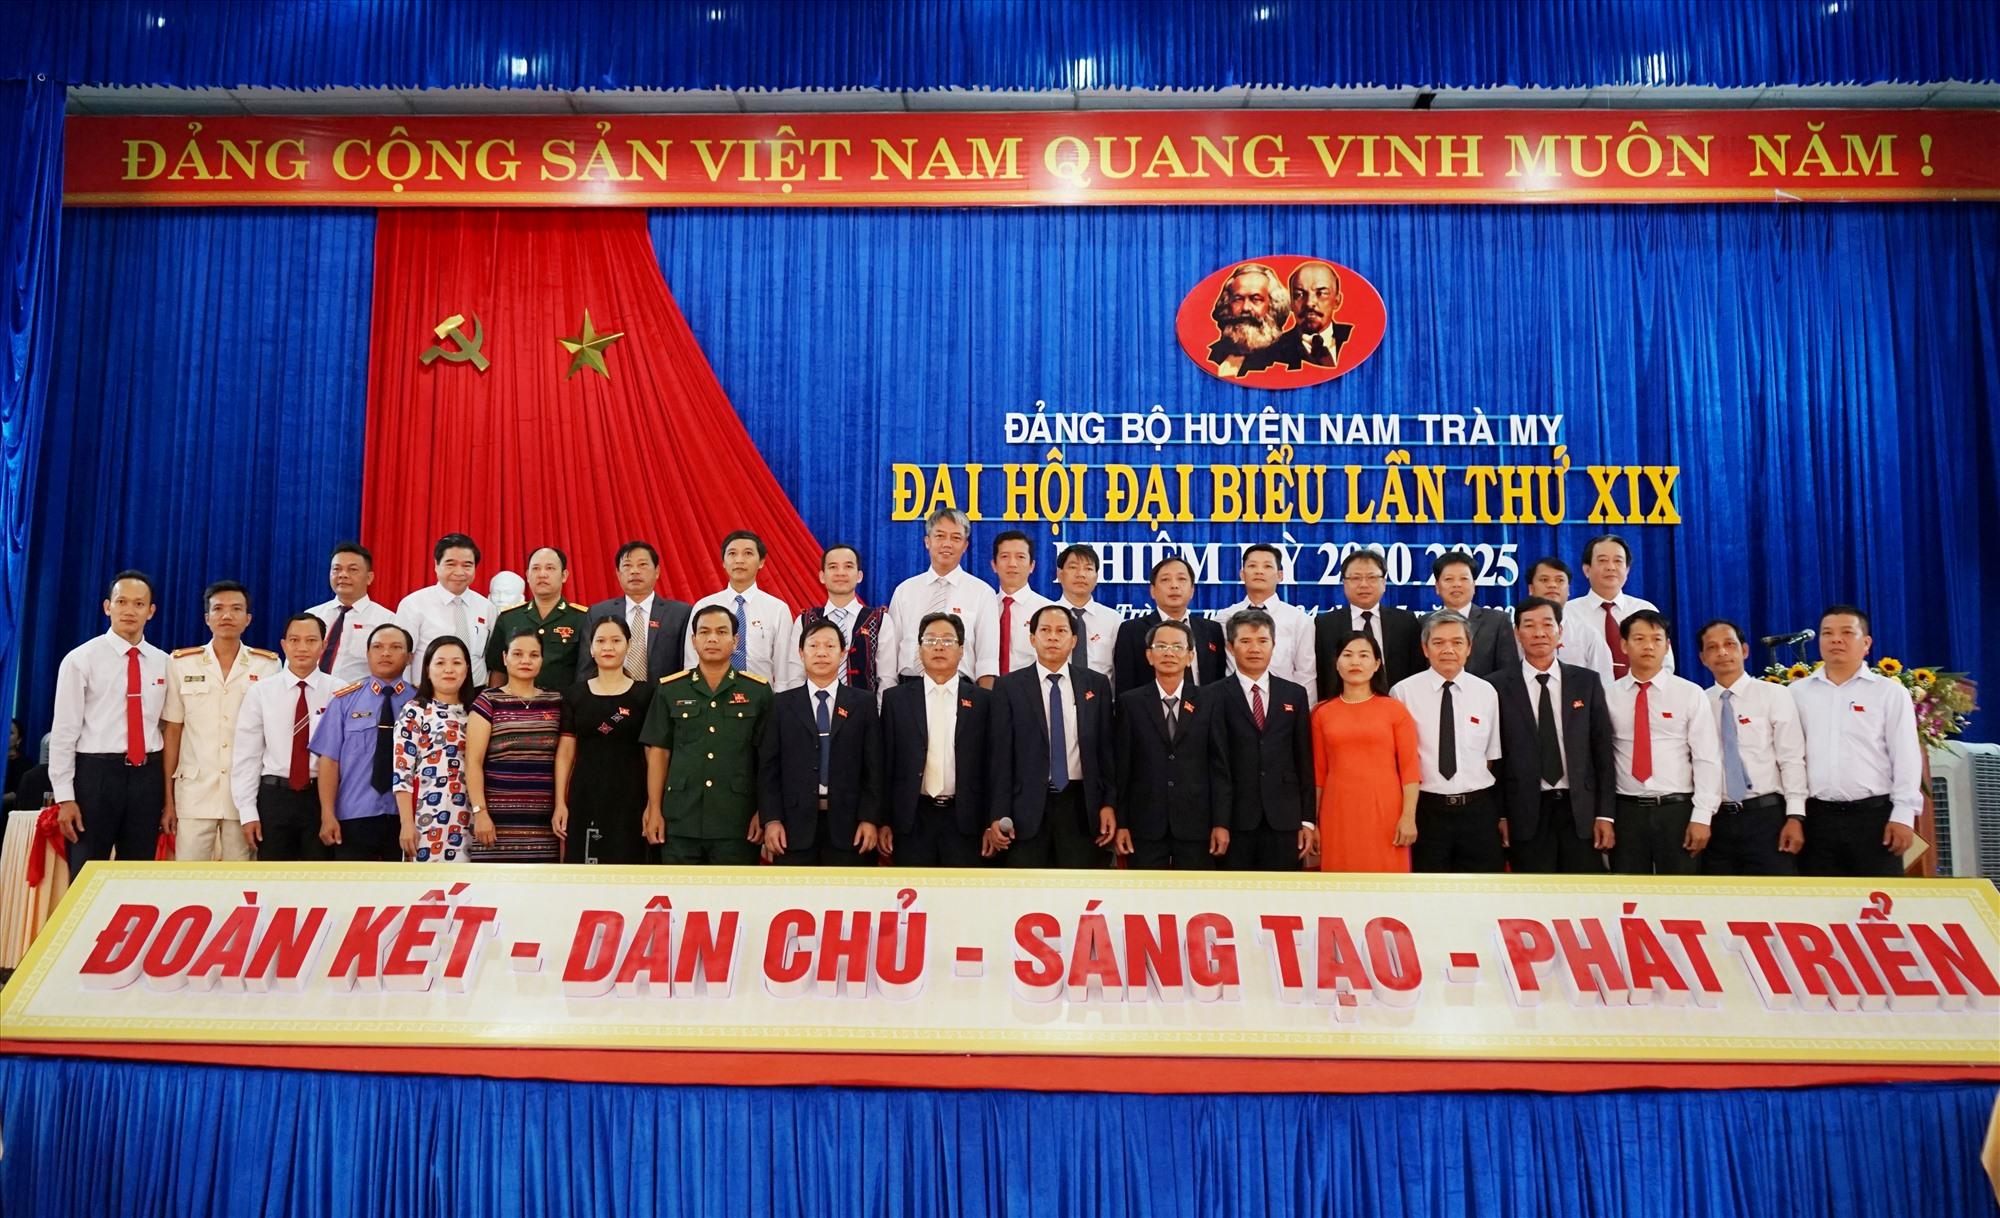 Ra mắt Ban Chấp hành Đảng bộ huyện Nam Trà My khóa XIX, nhiệm kỳ 2020 - 2025. Ảnh: B.N